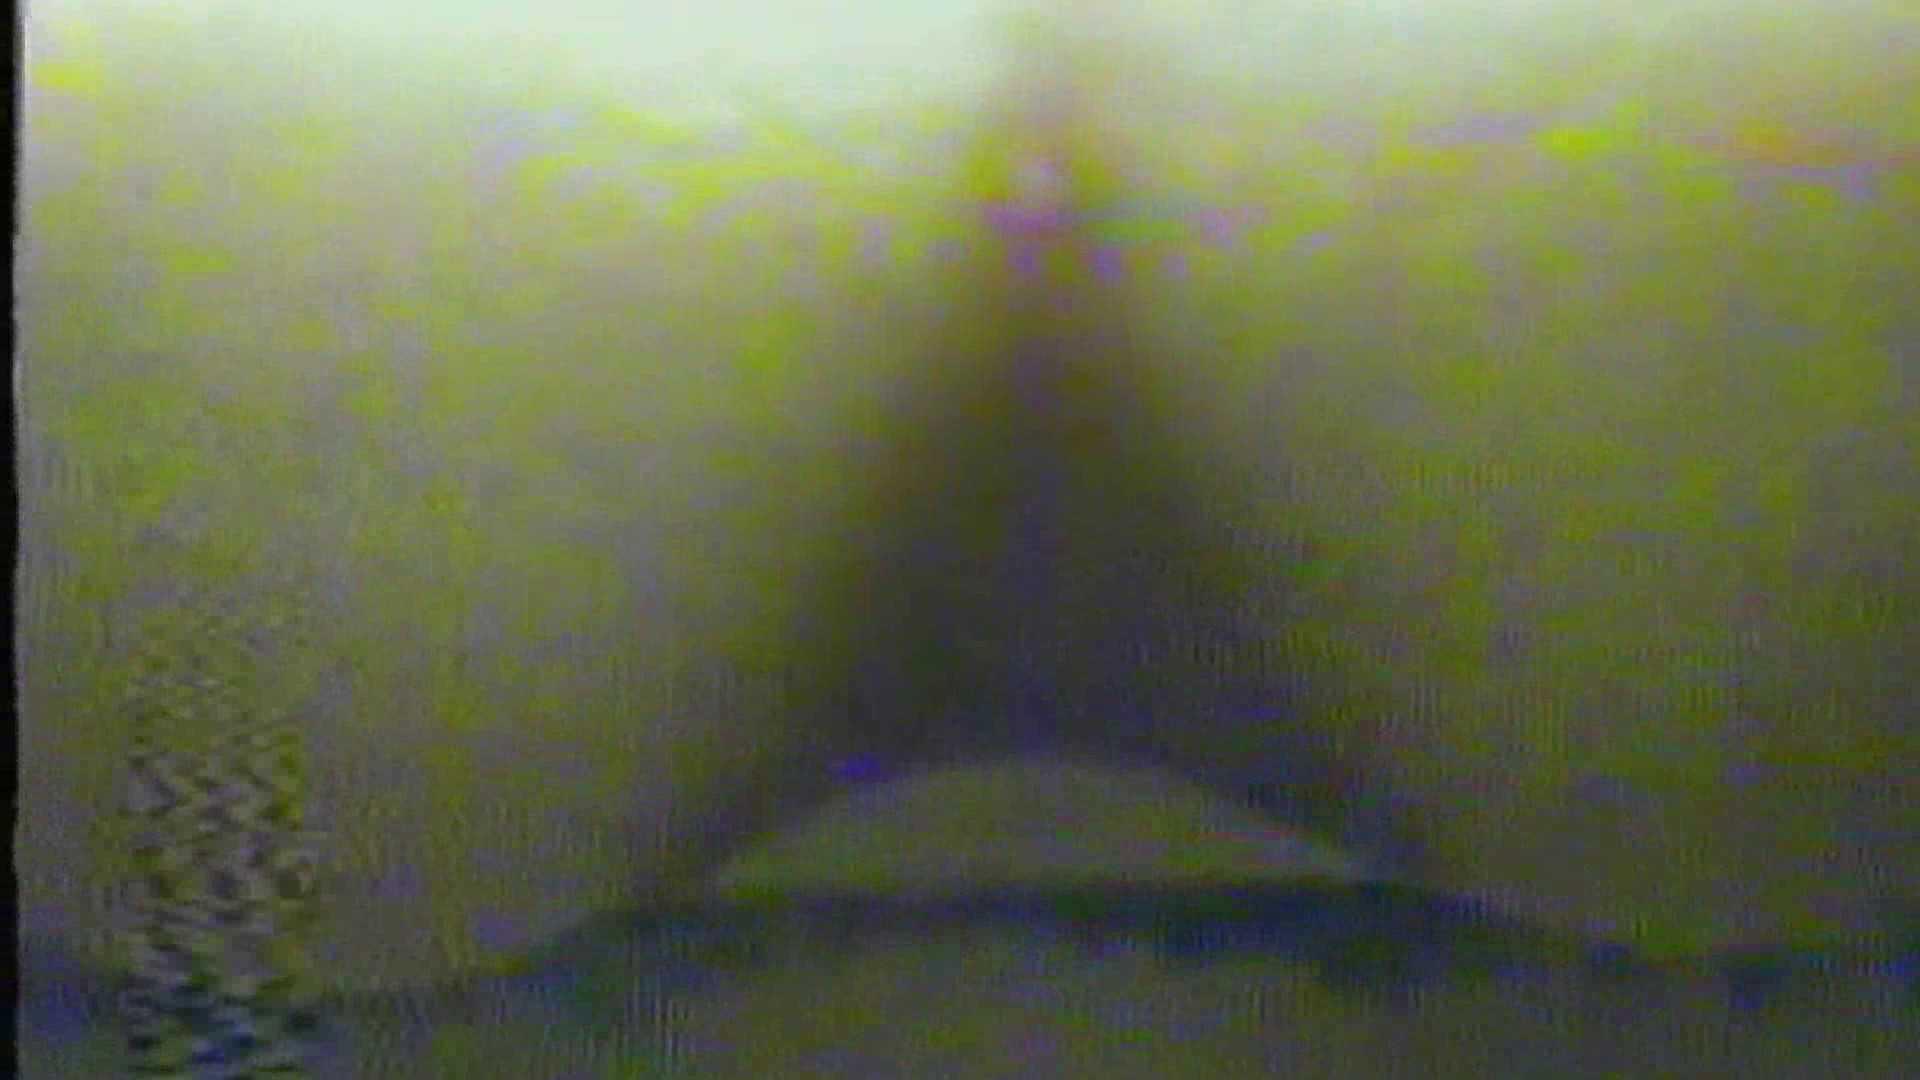 キレカワ女子大生の秘密の洗面所!Vol.047 美しいOLの裸体 オマンコ無修正動画無料 78pic 58